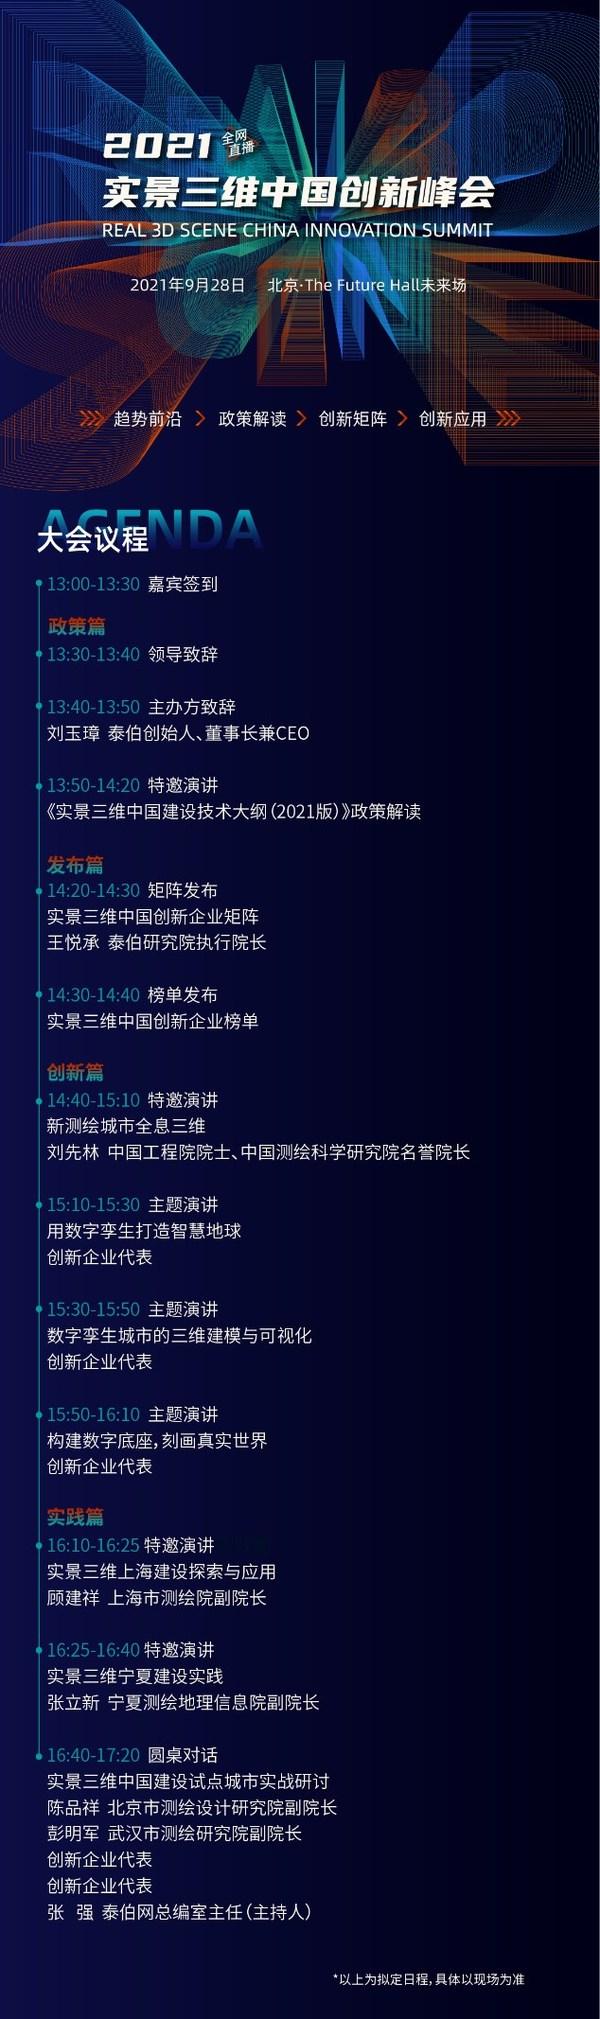 千亿级市场蓄势待发,实景三维中国创新峰会即将召开